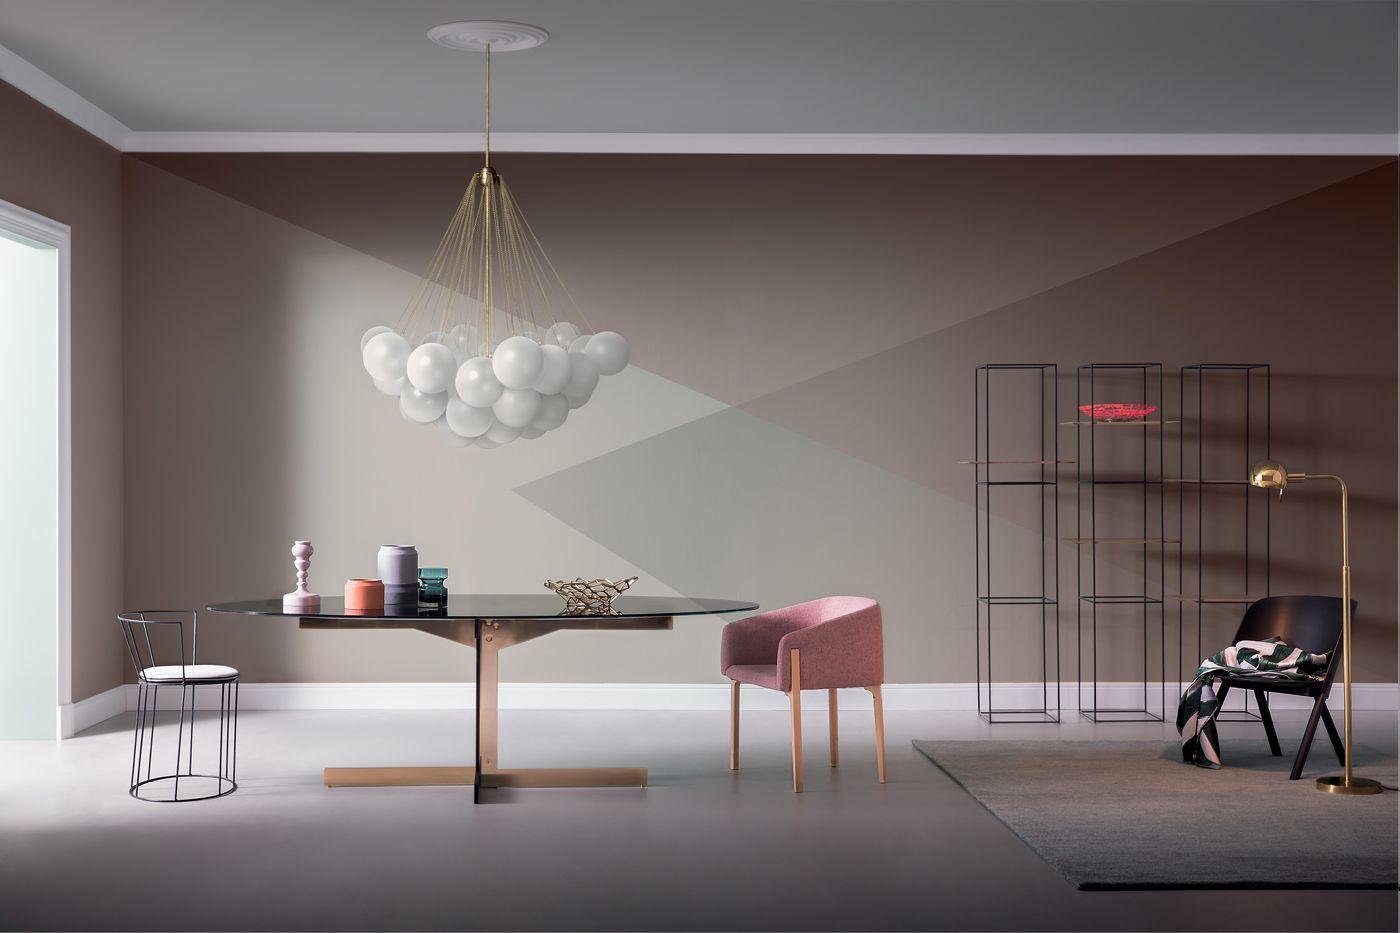 Pittura Per Interni Moderne.Decorare Con Il Colore Living Corriere Idee Di Interior Design Idea Di Decorazione Idee Per Decorare La Casa